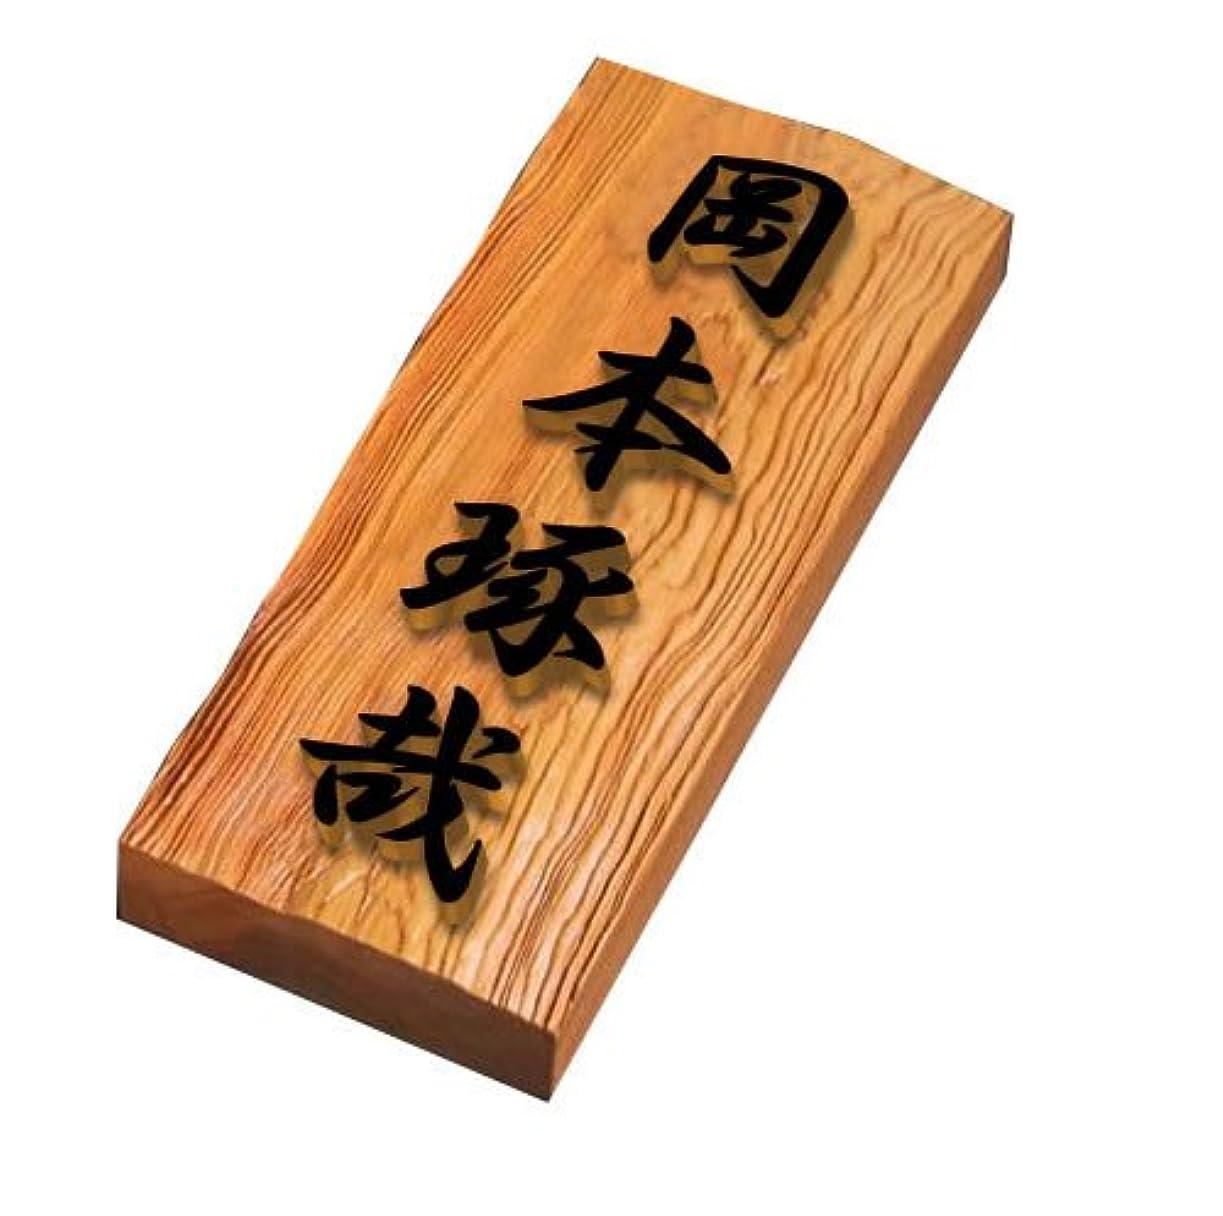 クリア朝種をまく風水的にもよいとされる◆高級銘木イチイ一位表札(浮き彫り) i21088u 職人手作りオーダーメイド表札